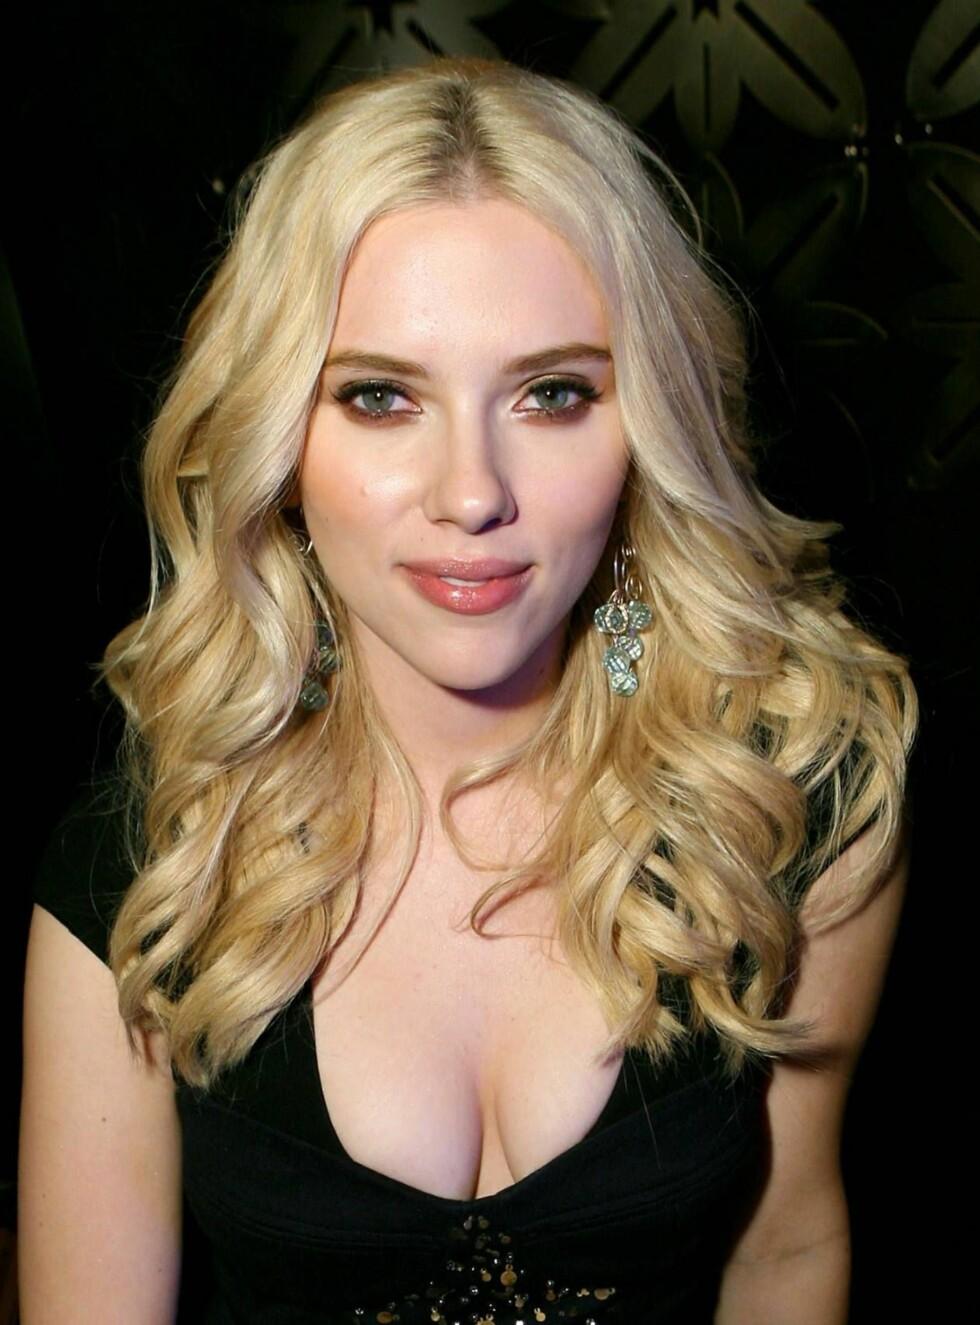 GUTT ELLER JENTE: Det er vel ikke mye som tyder på at Scarlett Johansson har maskuline trekk. Eller? Foto: All Over Press